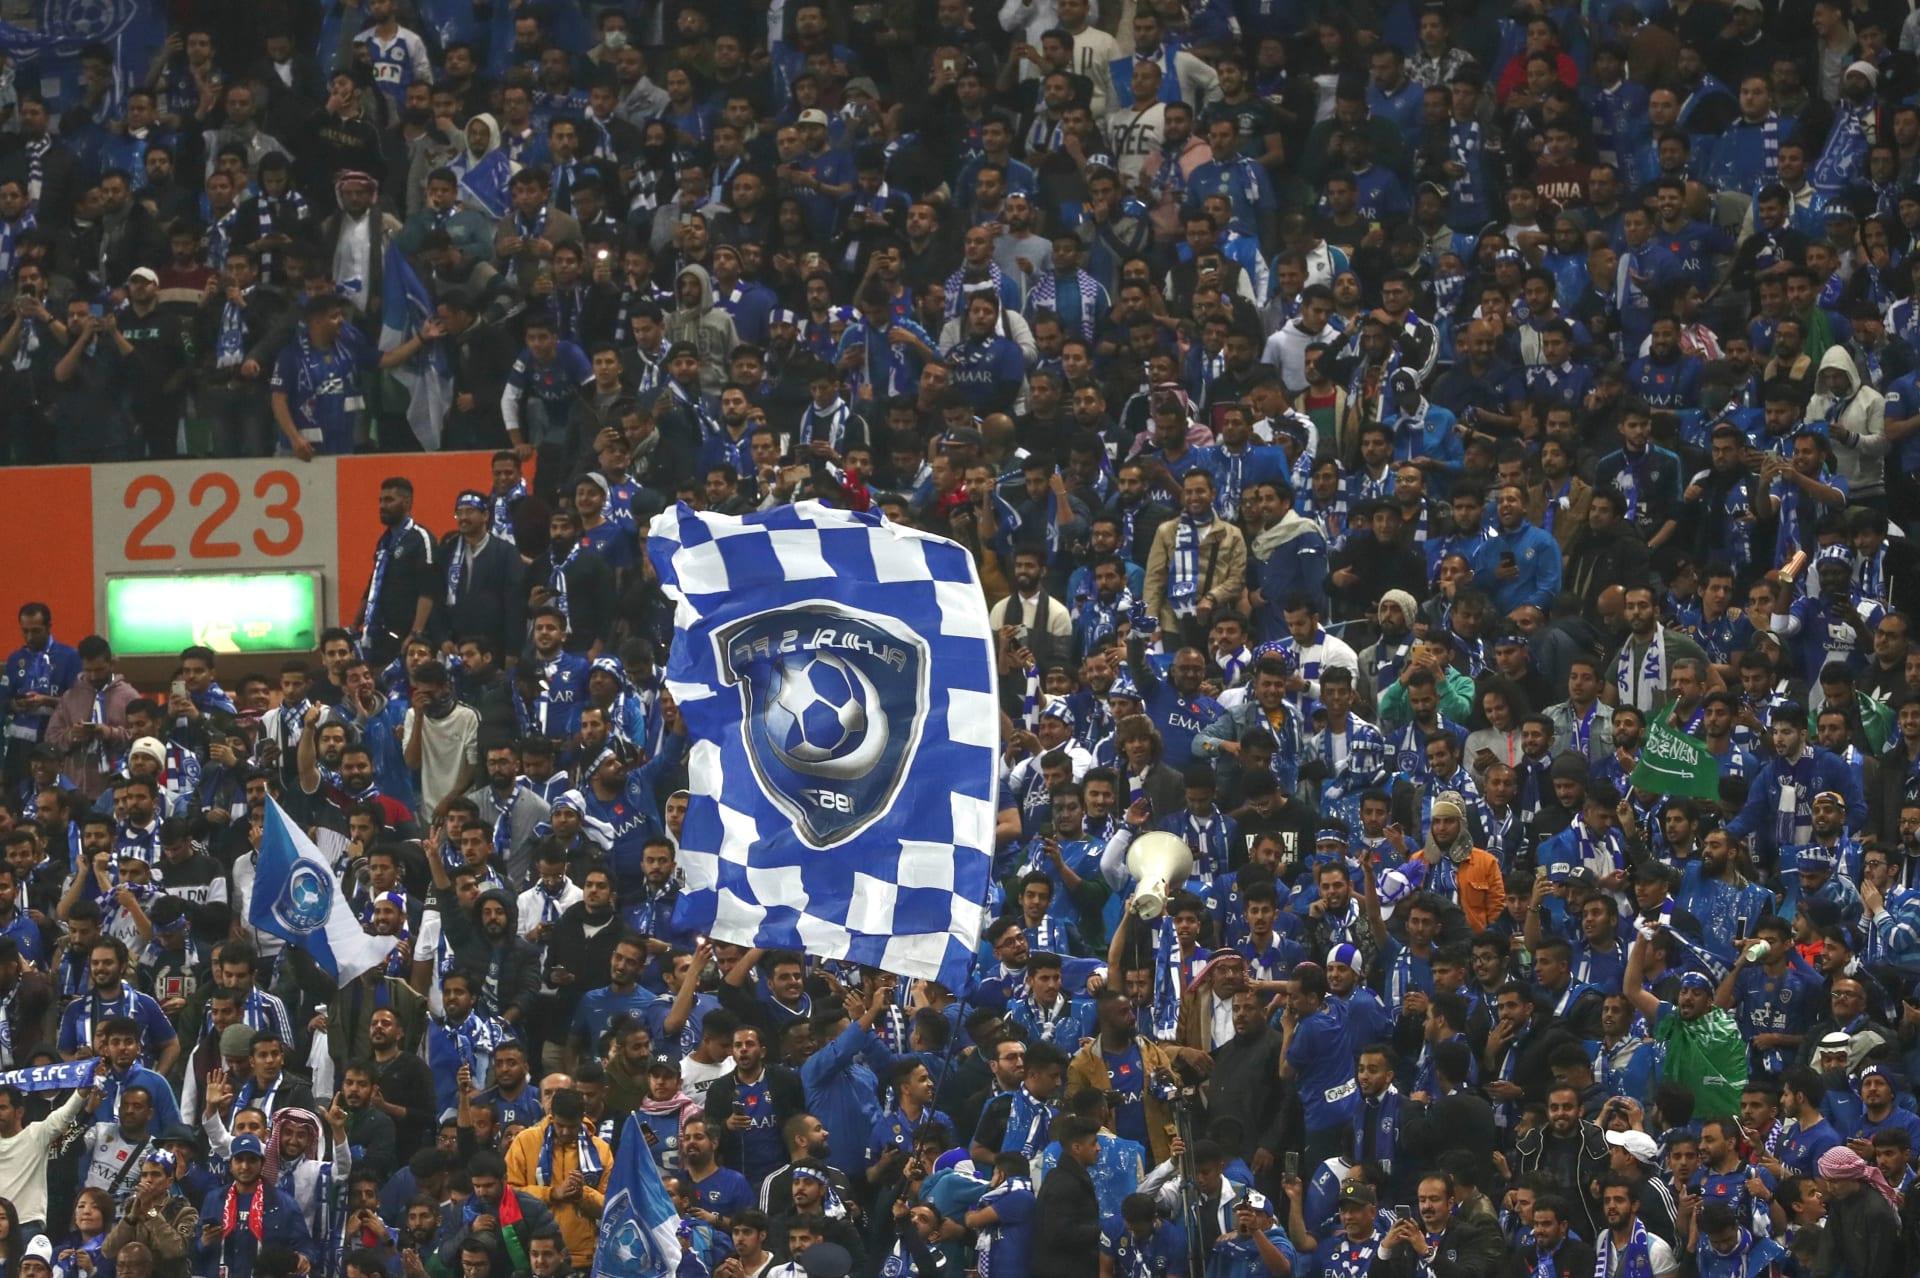 صورة لجماهير الهلال في نهائي دوري أبطال آسيا في اليابان